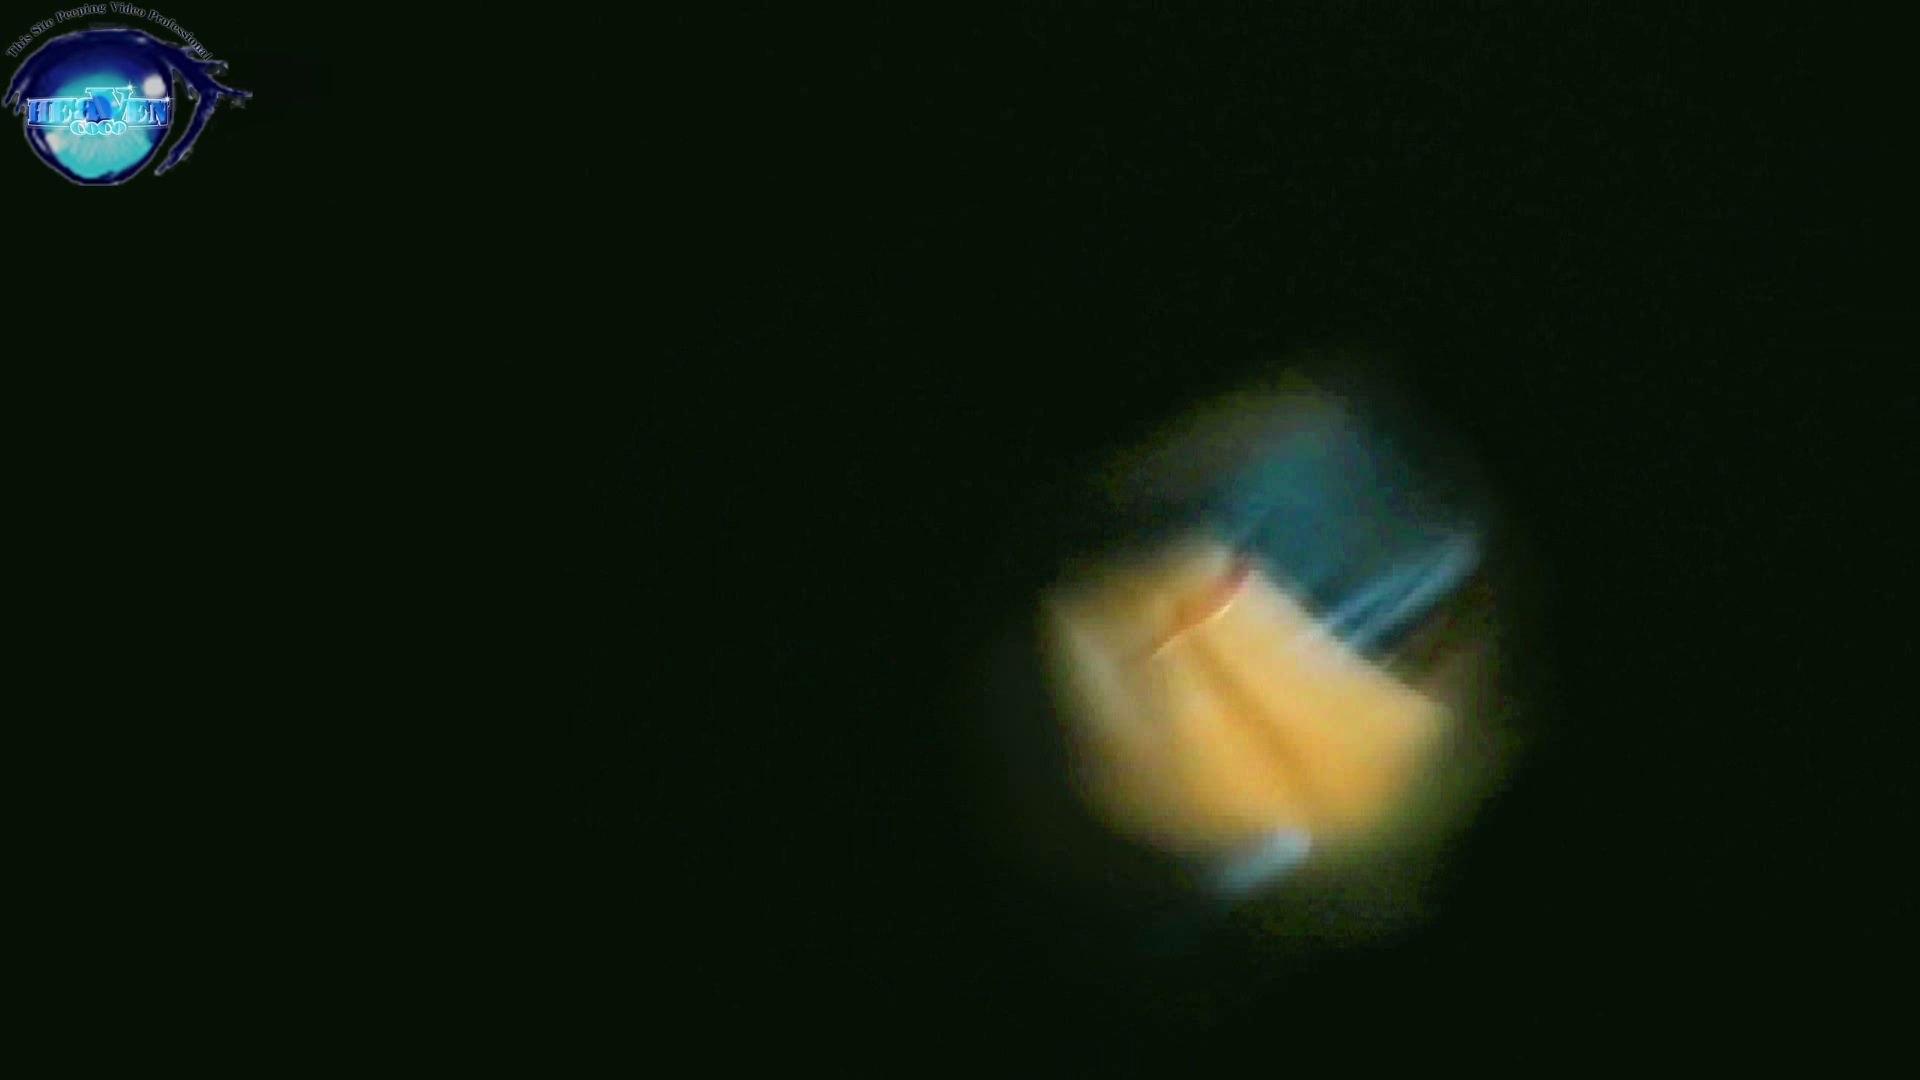 世界の射窓から vol.29 後編 洗面所 | OLのエロ生活  90連発 3